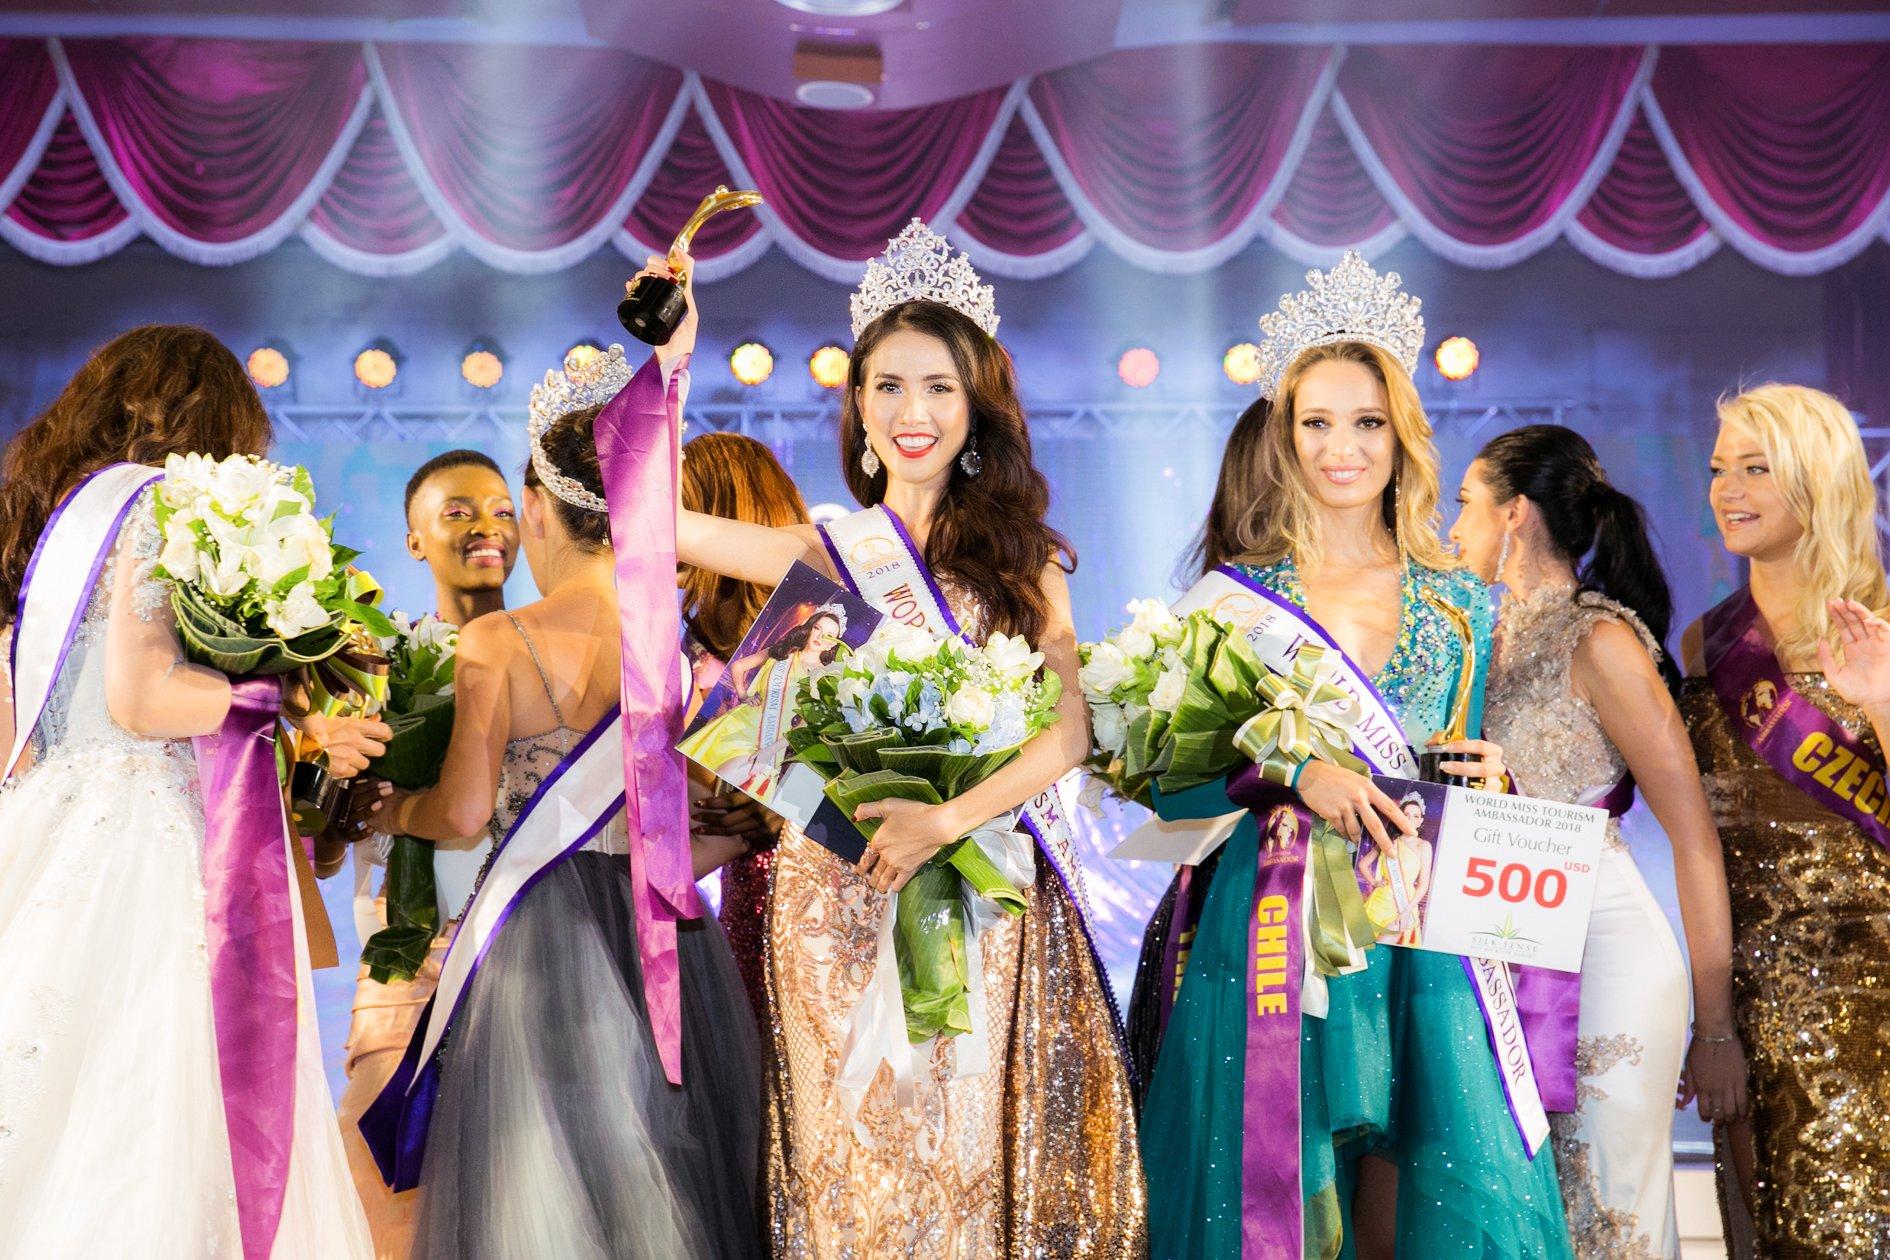 Lận đận thi nhan sắc, cuối cùng Phan Thị Mơ bất ngờ đăng quang Hoa hậu Đại sứ Du lịch Thế giới 2018 tại Thái Lan 2